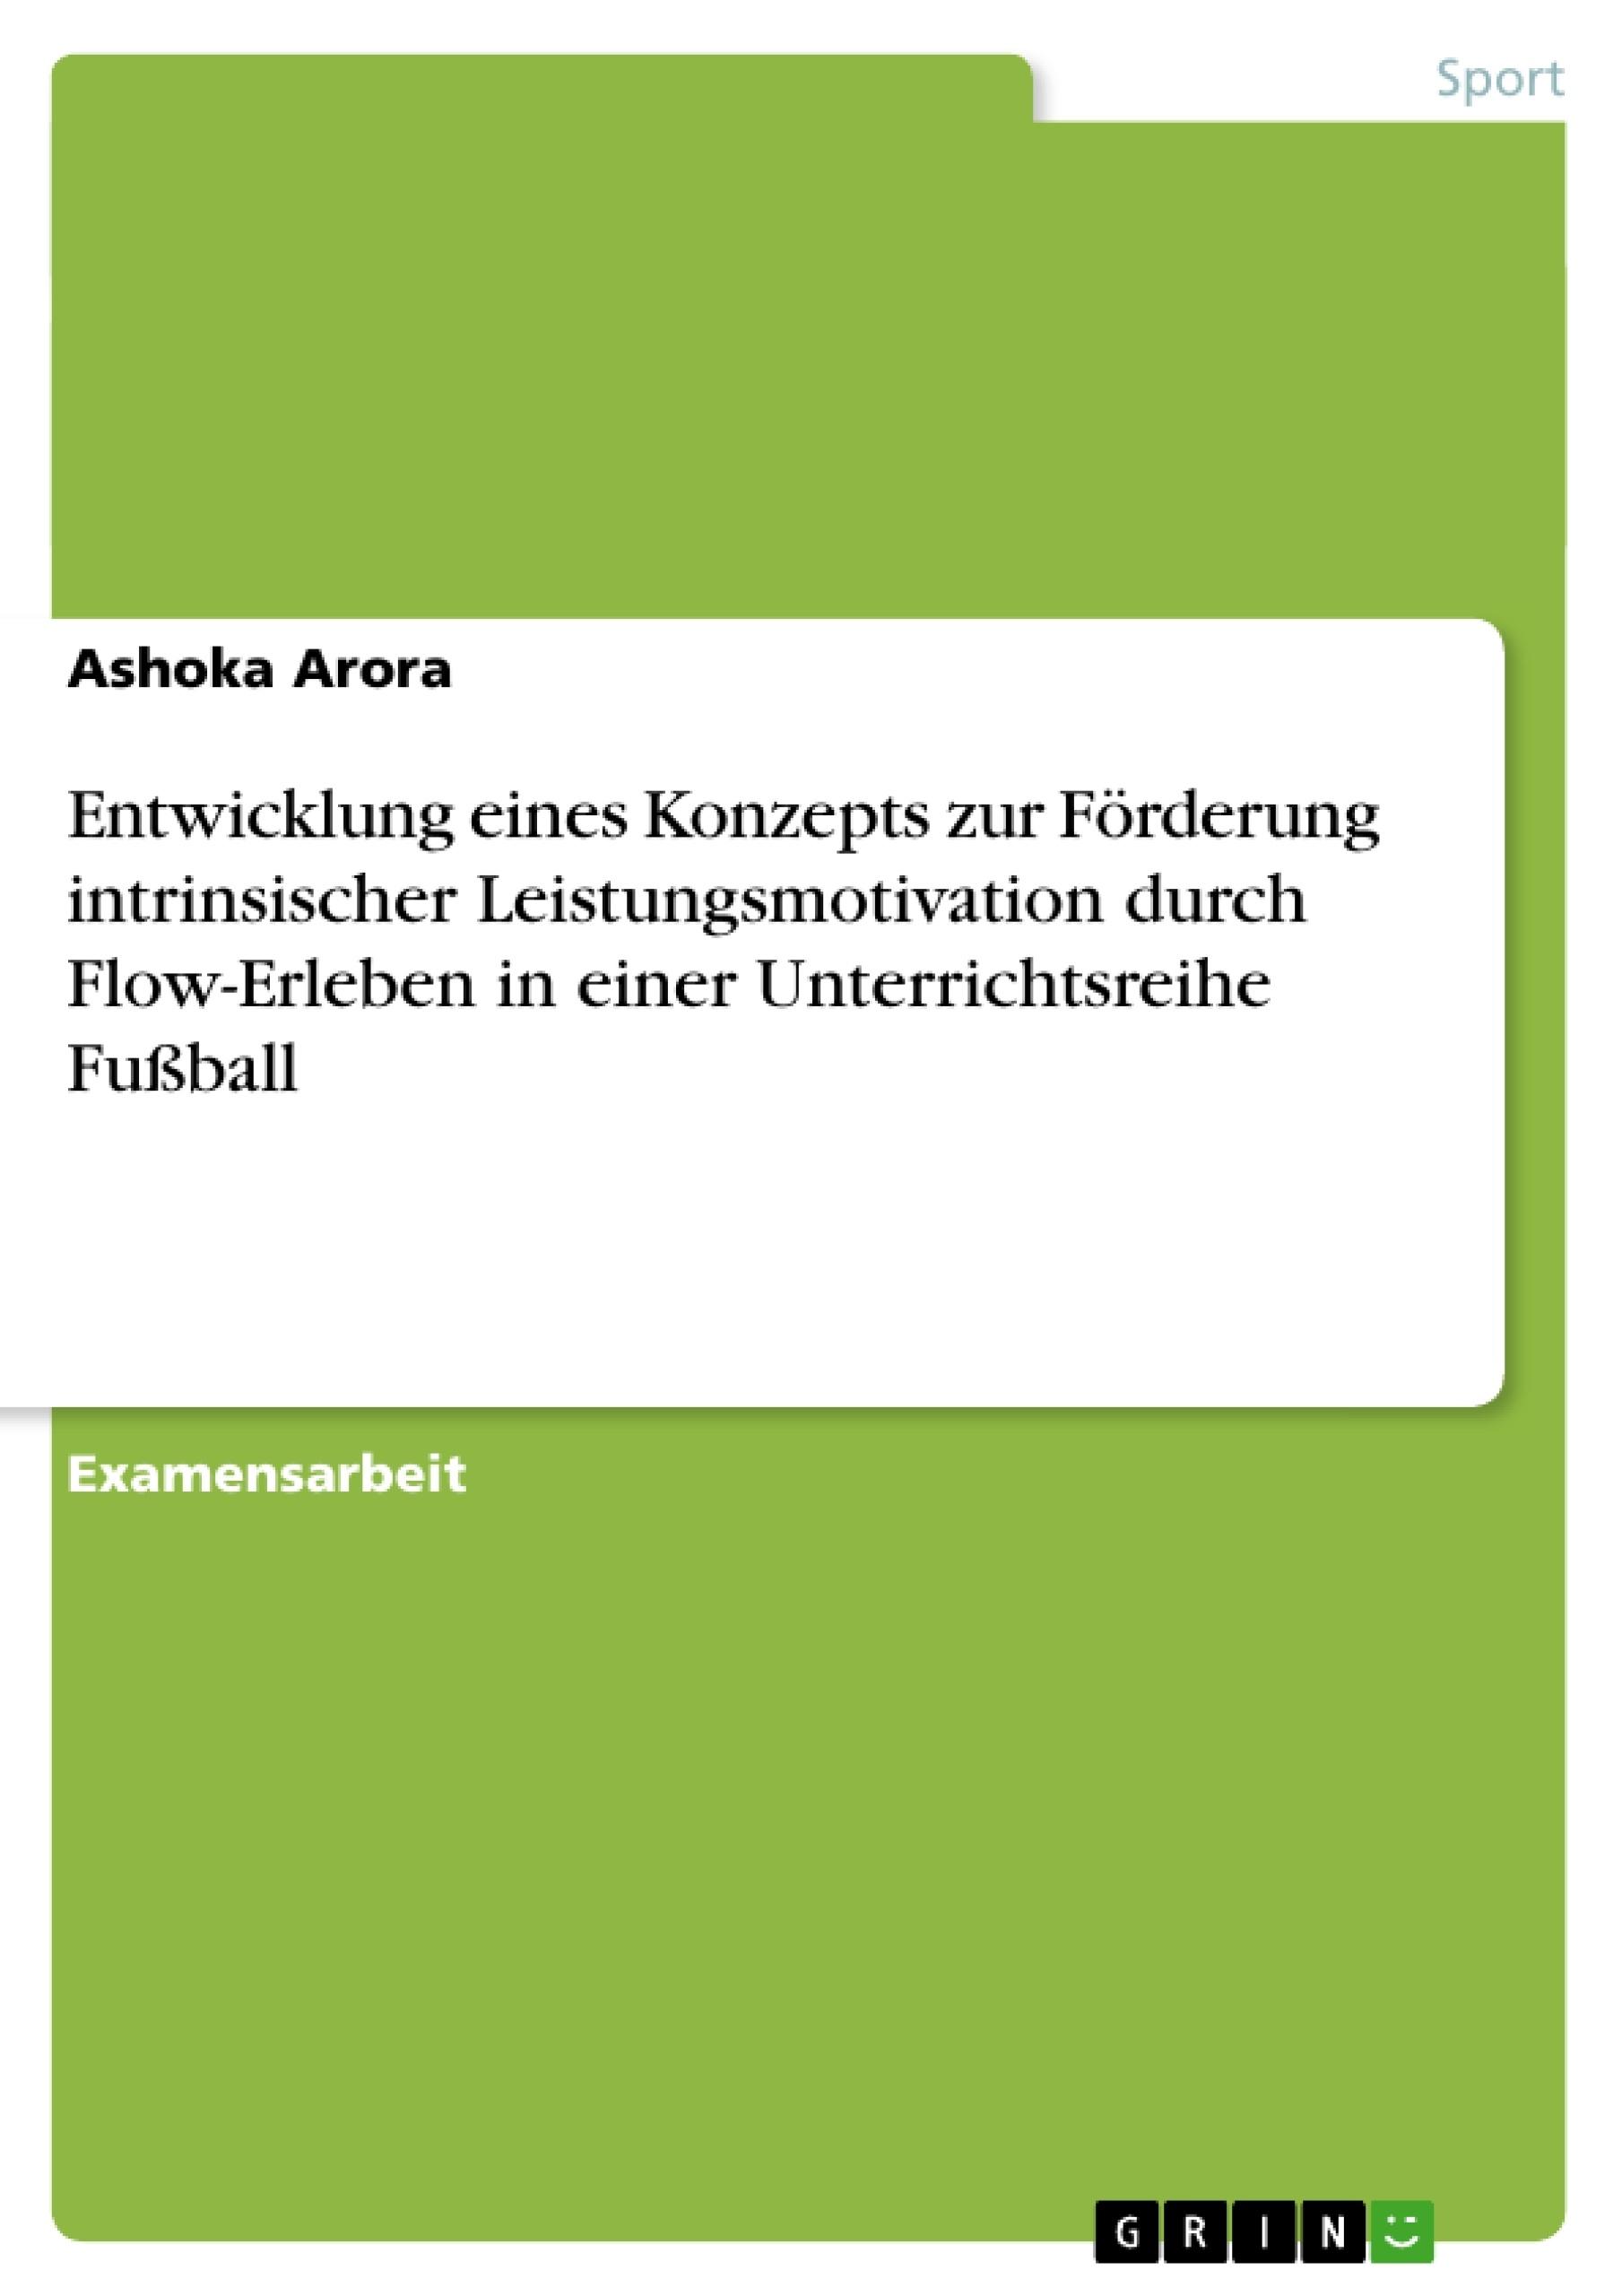 Titel: Entwicklung eines Konzepts zur Förderung intrinsischer Leistungsmotivation durch Flow-Erleben in einer Unterrichtsreihe Fußball